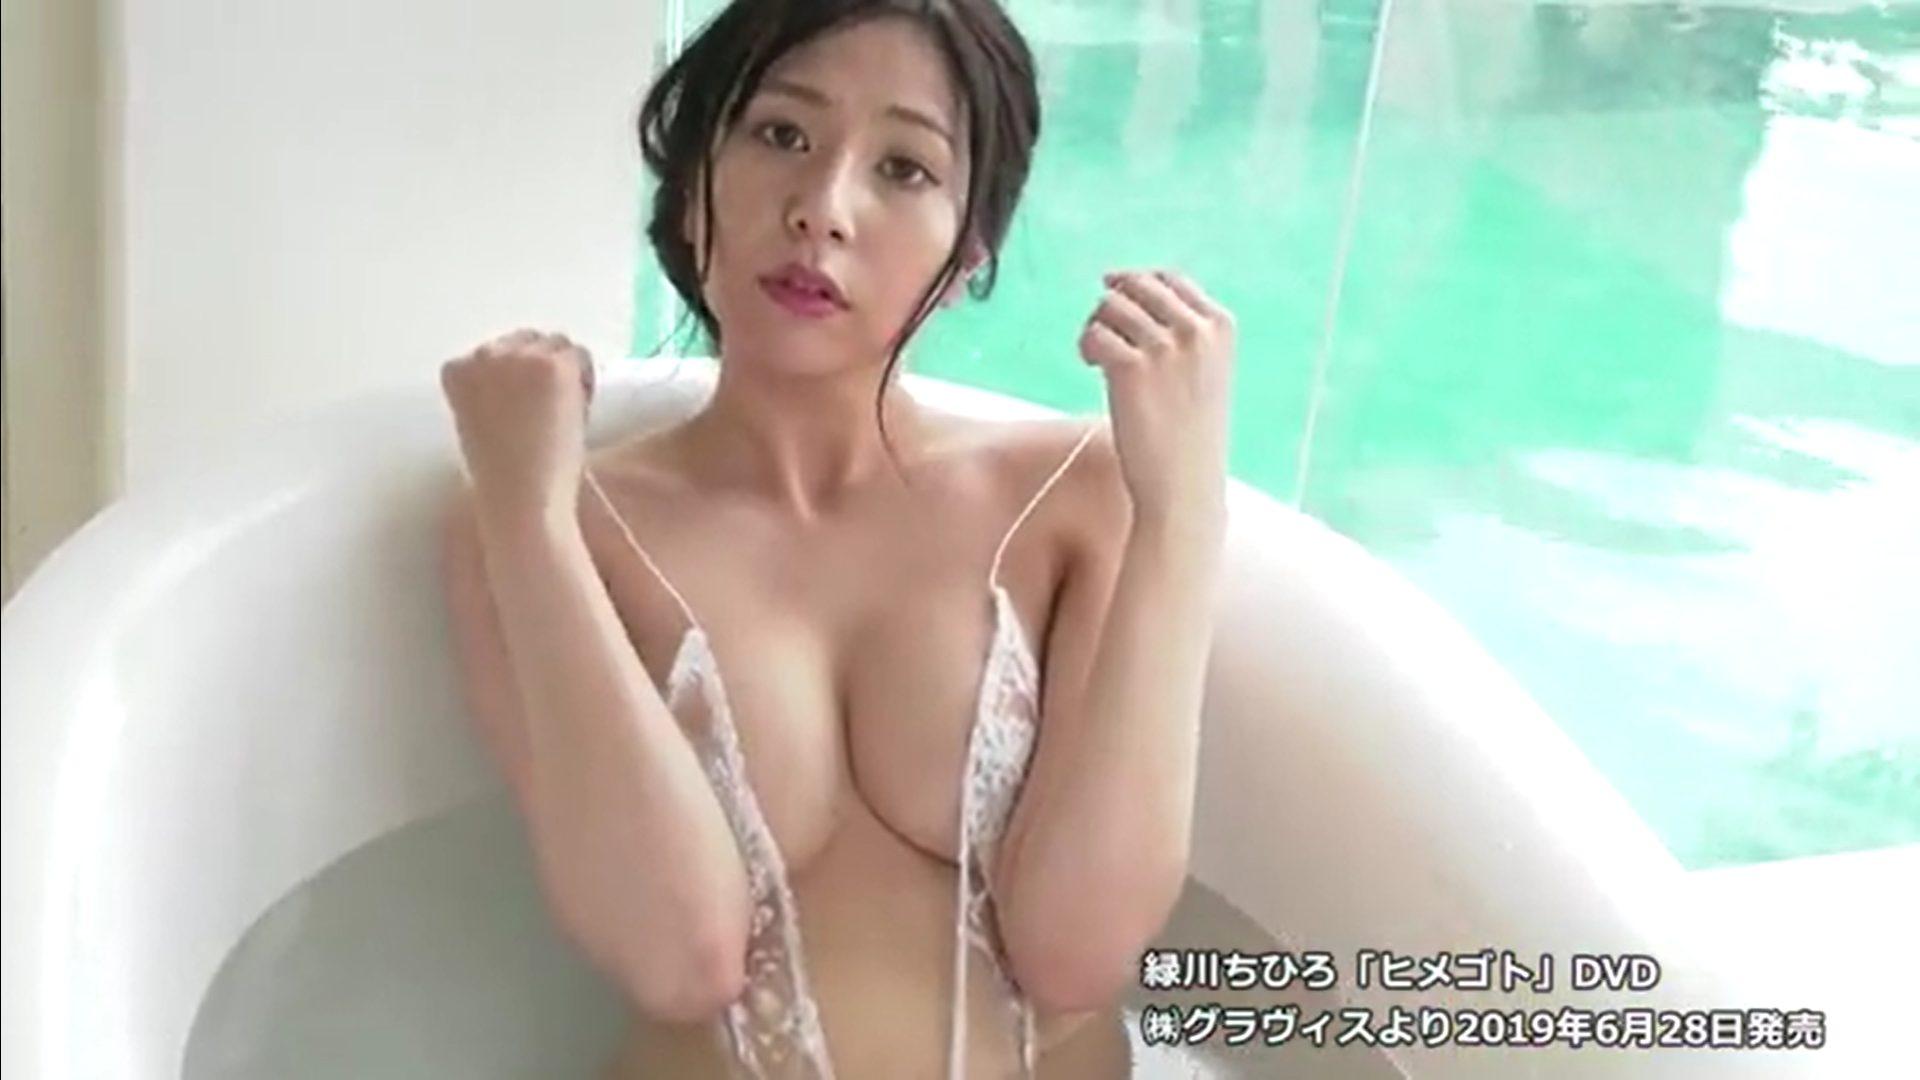 【緑川ちひろ】Eカップ2 「ヒメゴト」サンプル動画